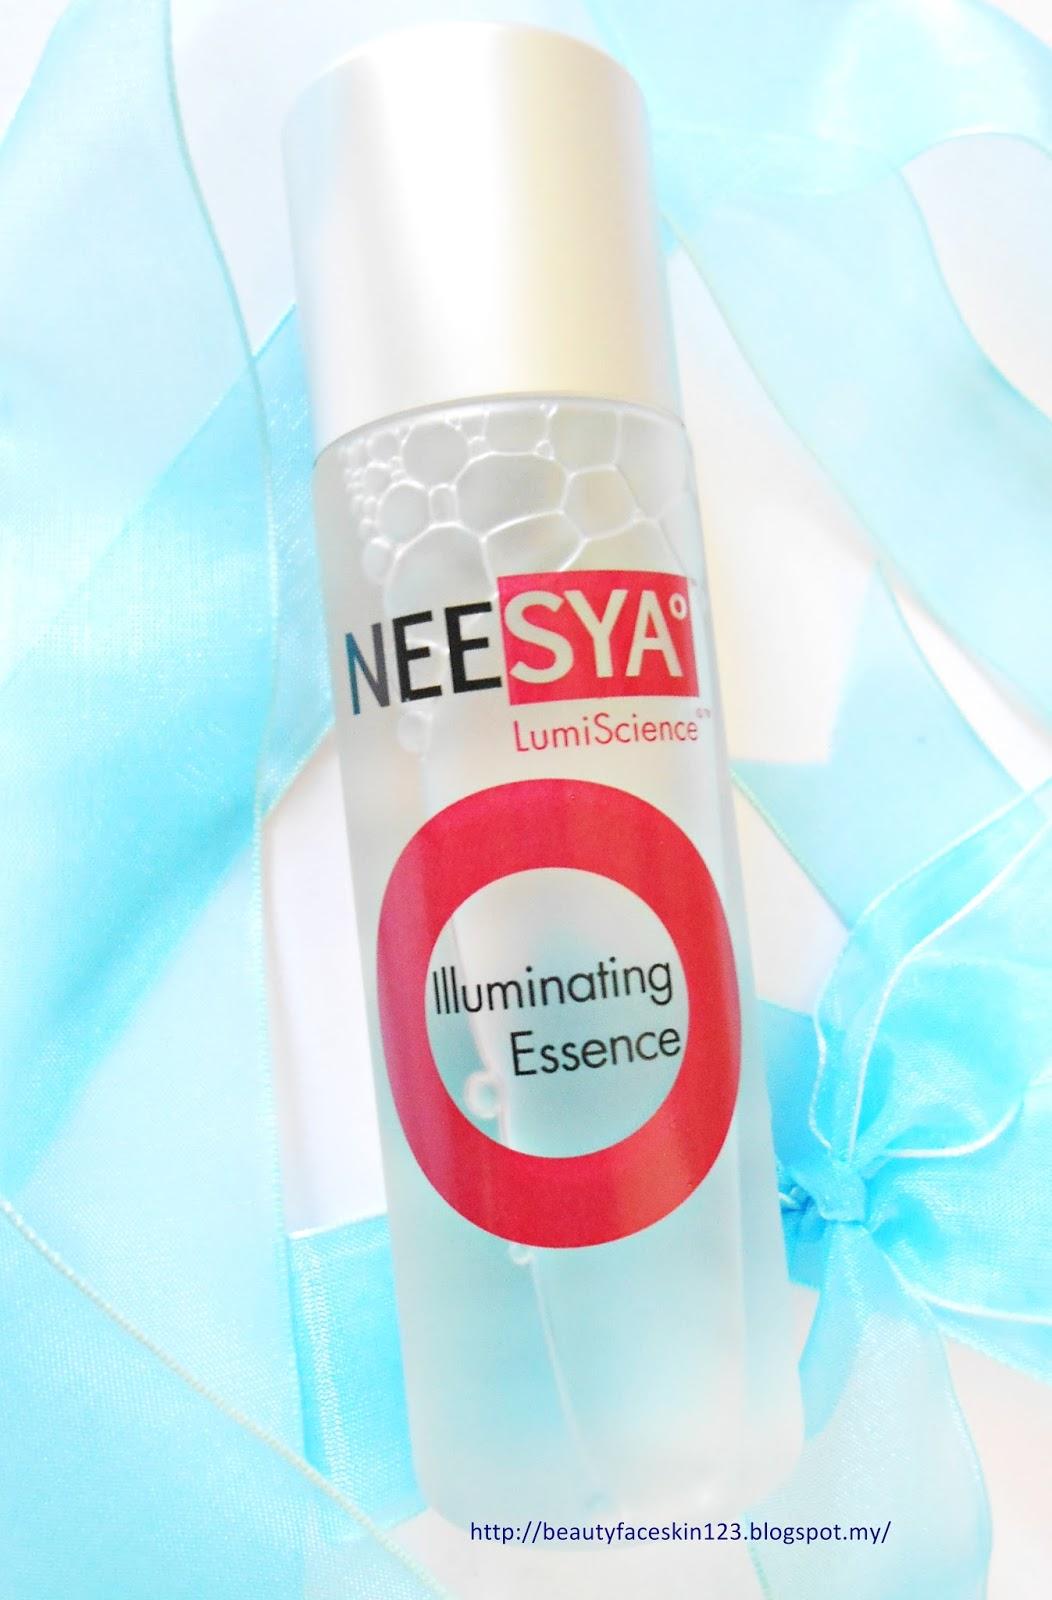 neesya illumina... Illuminating